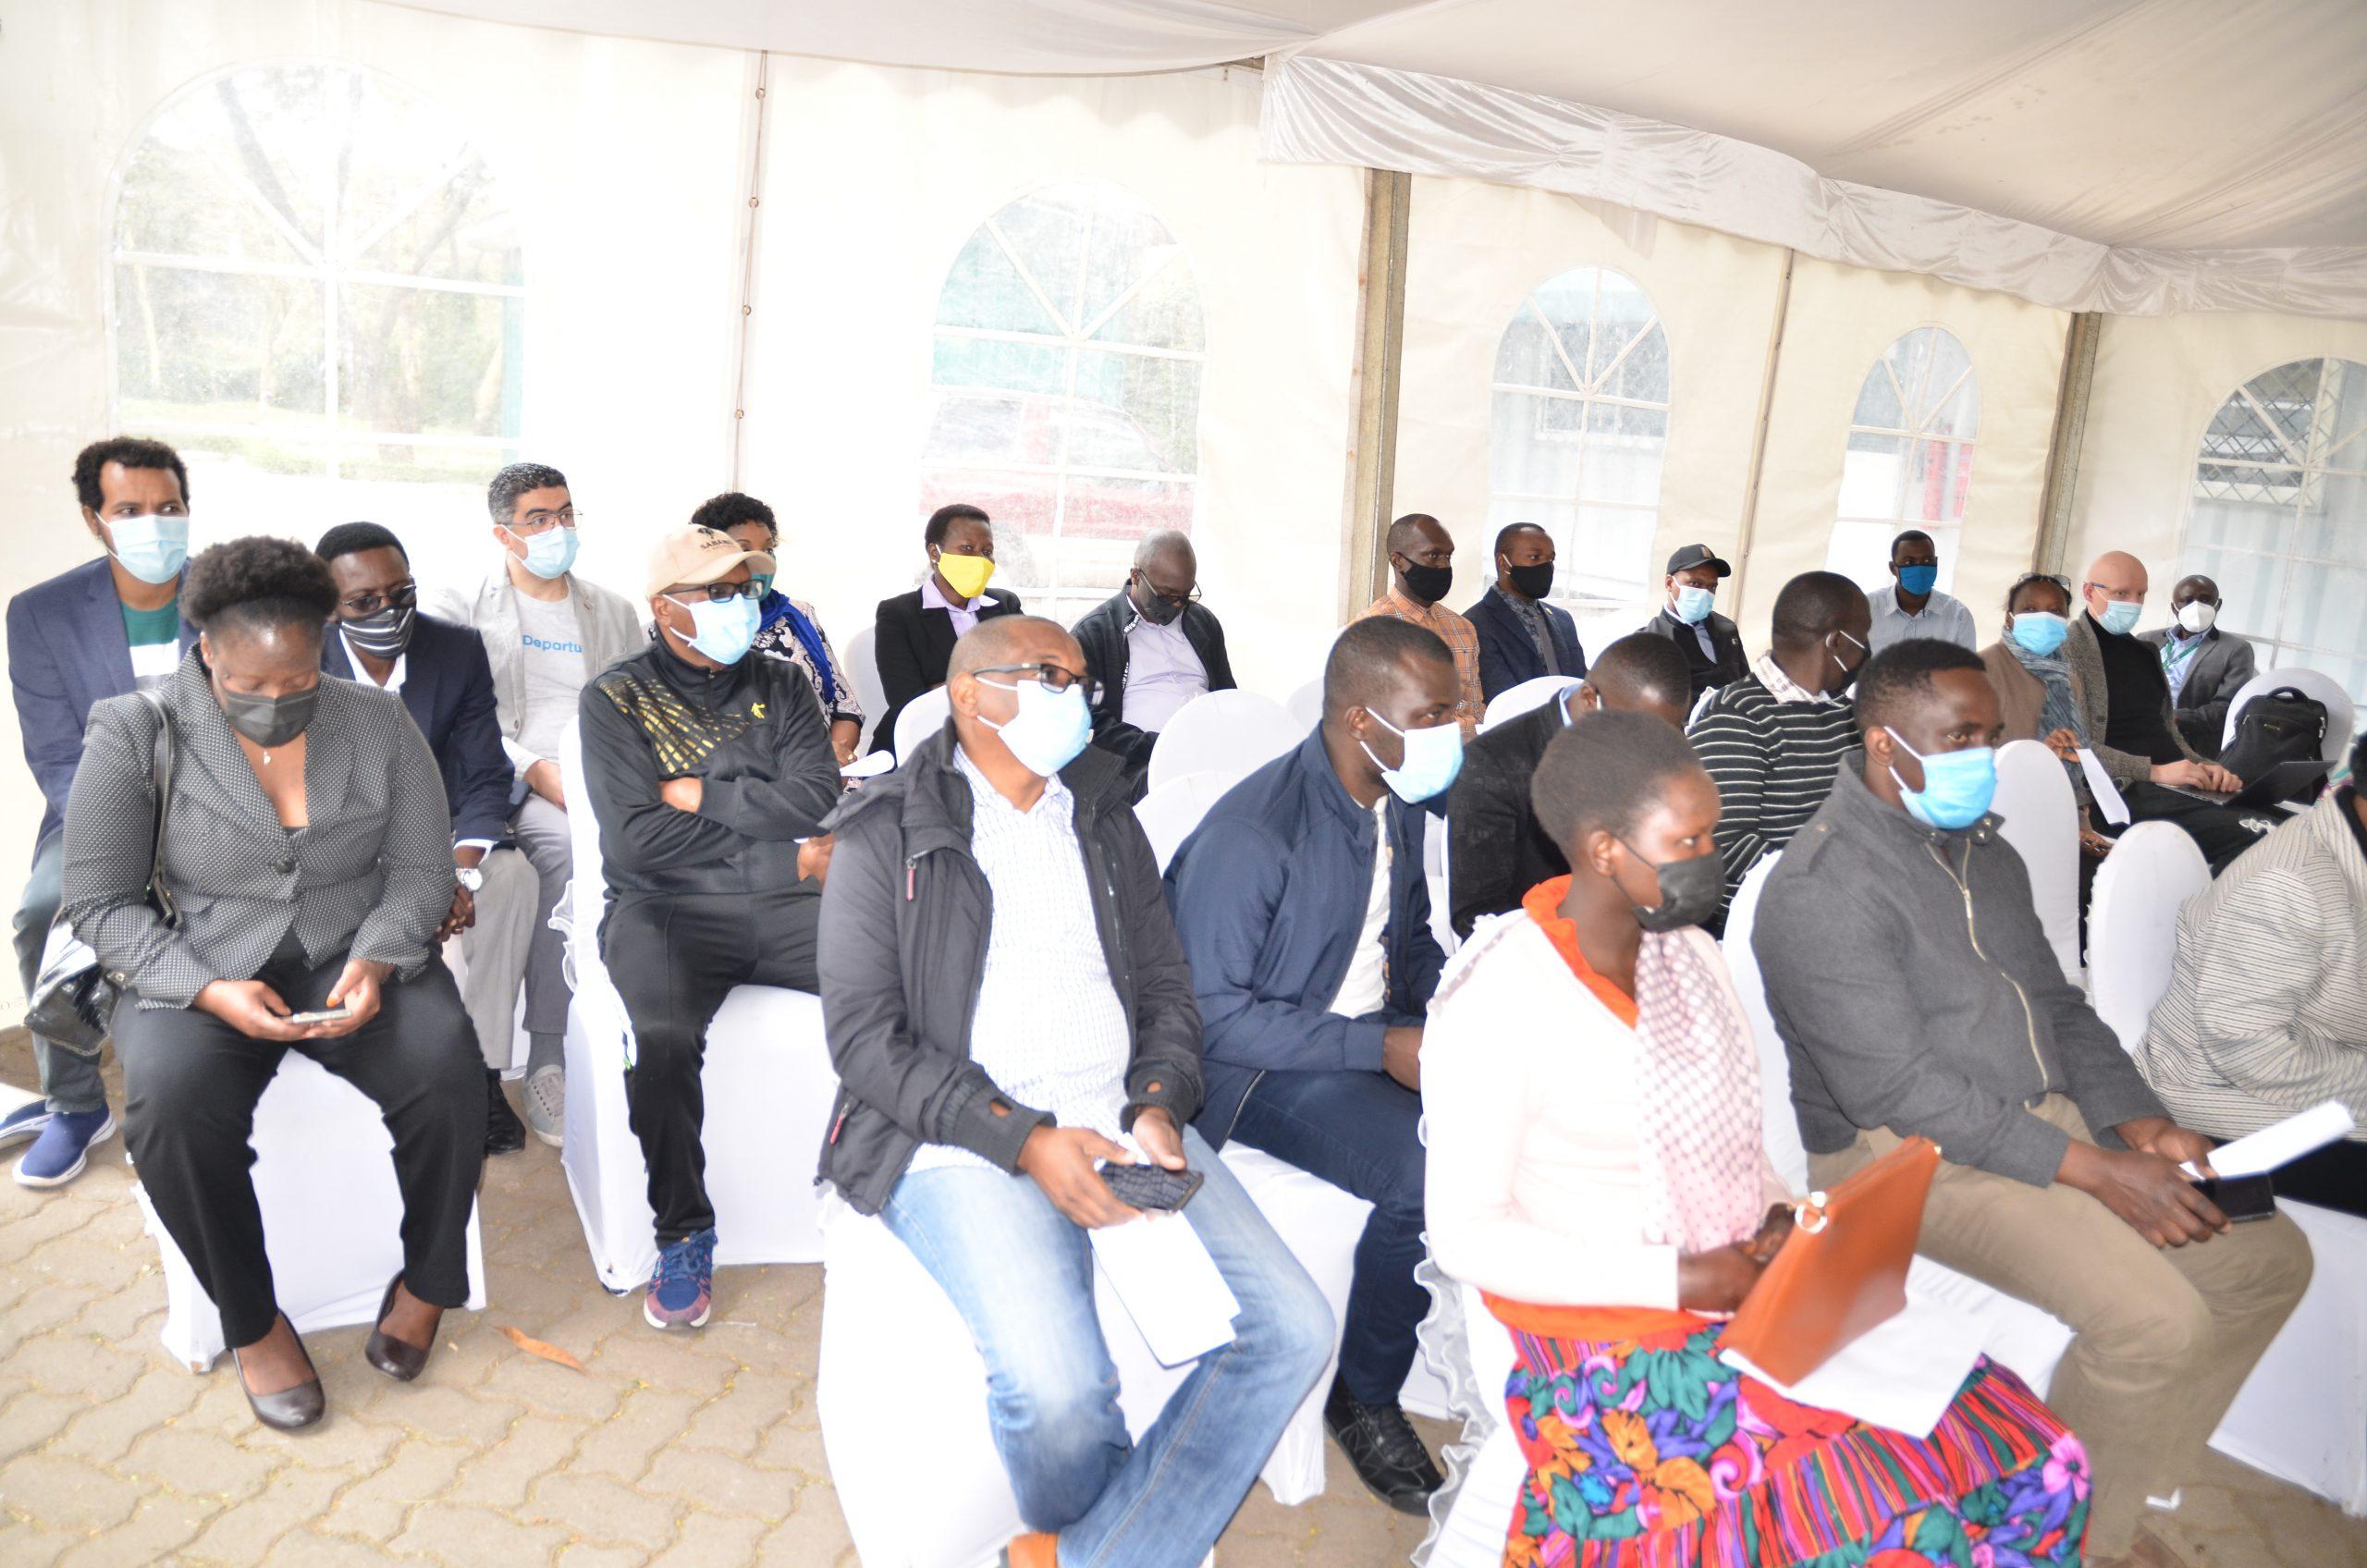 LA PRÉSIDENTE DE LA COUR AFRICAINE DONNE L'EXEMPLE AU PERSONNEL DE LA COUR EN SE FAISANT VACCINER CONTRE LA COVID-19